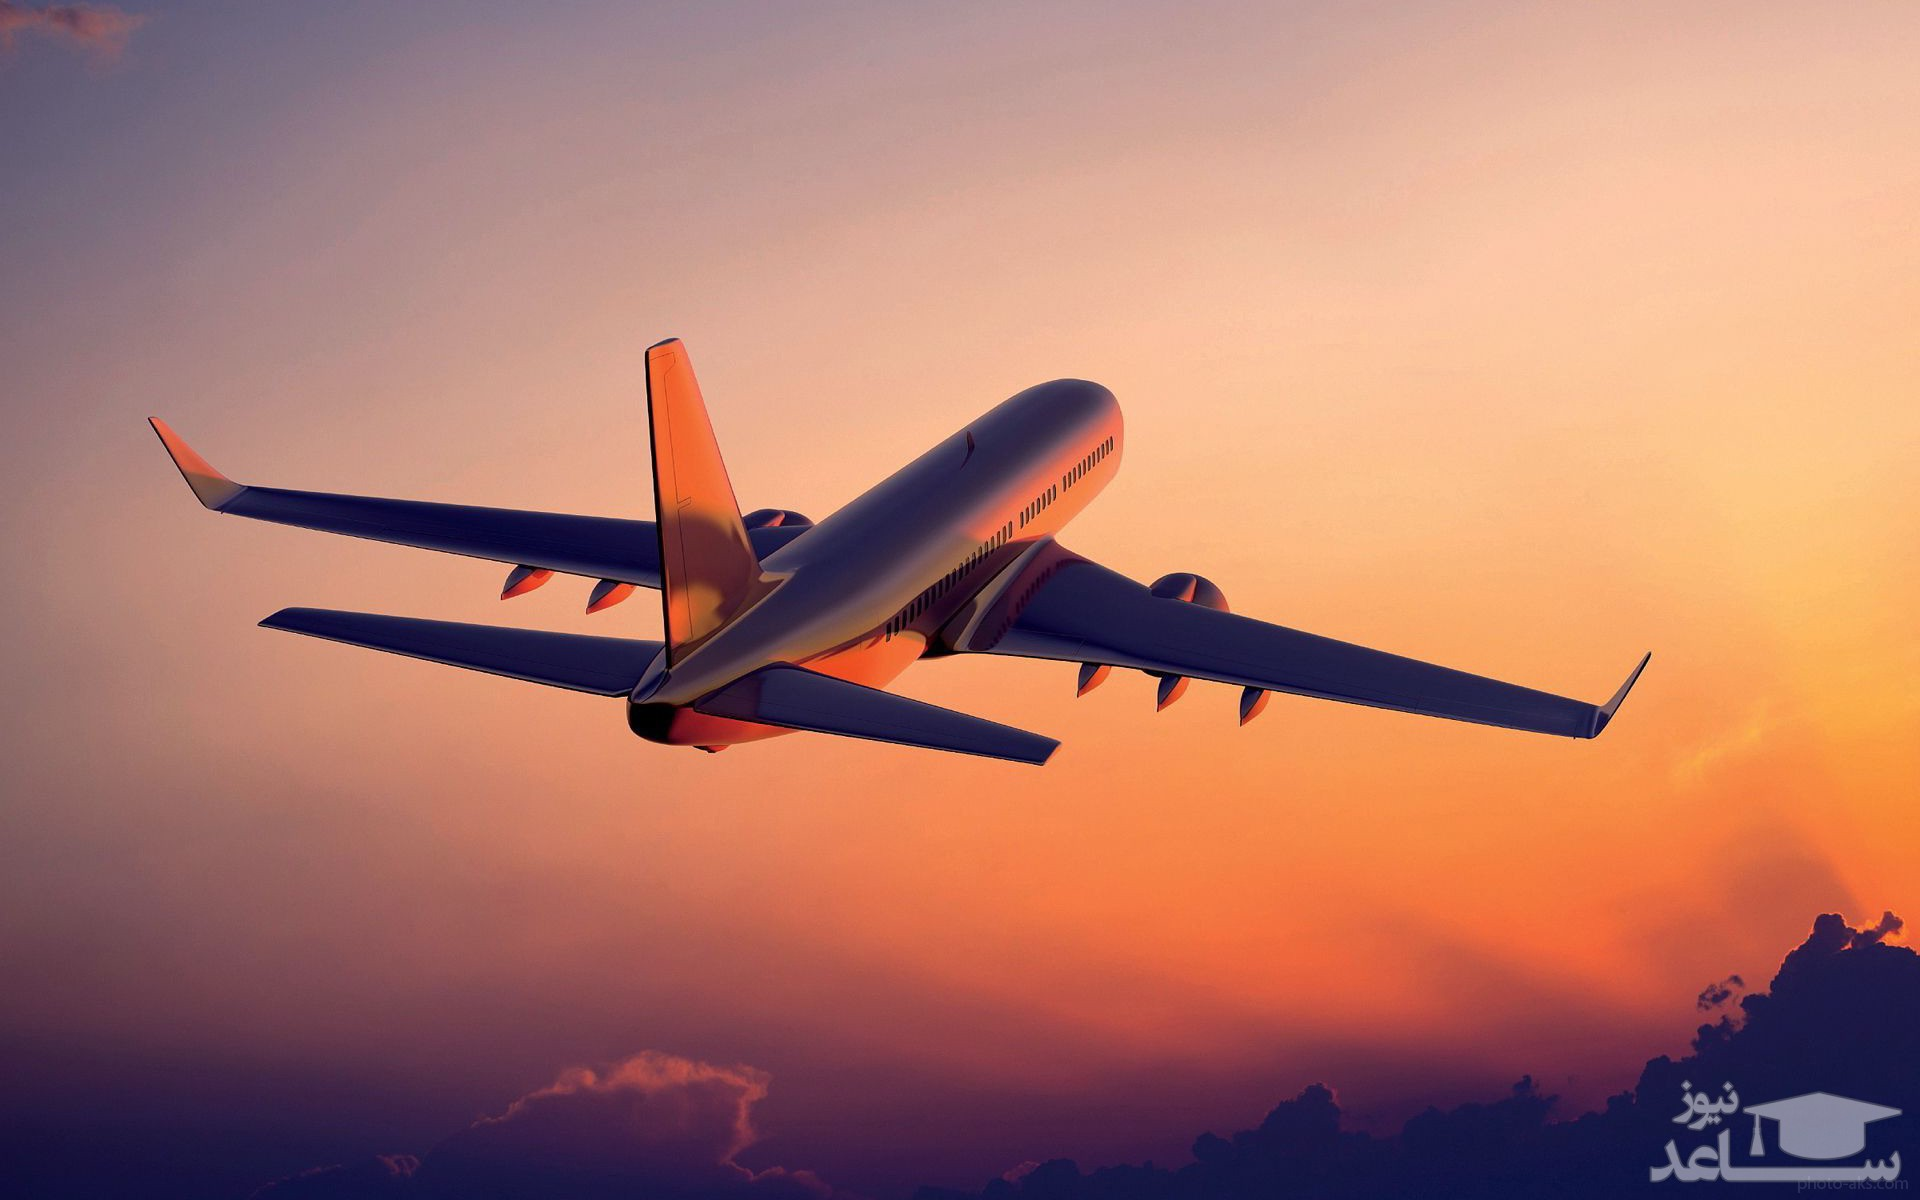 ماجرای عجیب مسافری که از پرواز تهران- اوکراین نجات یافت